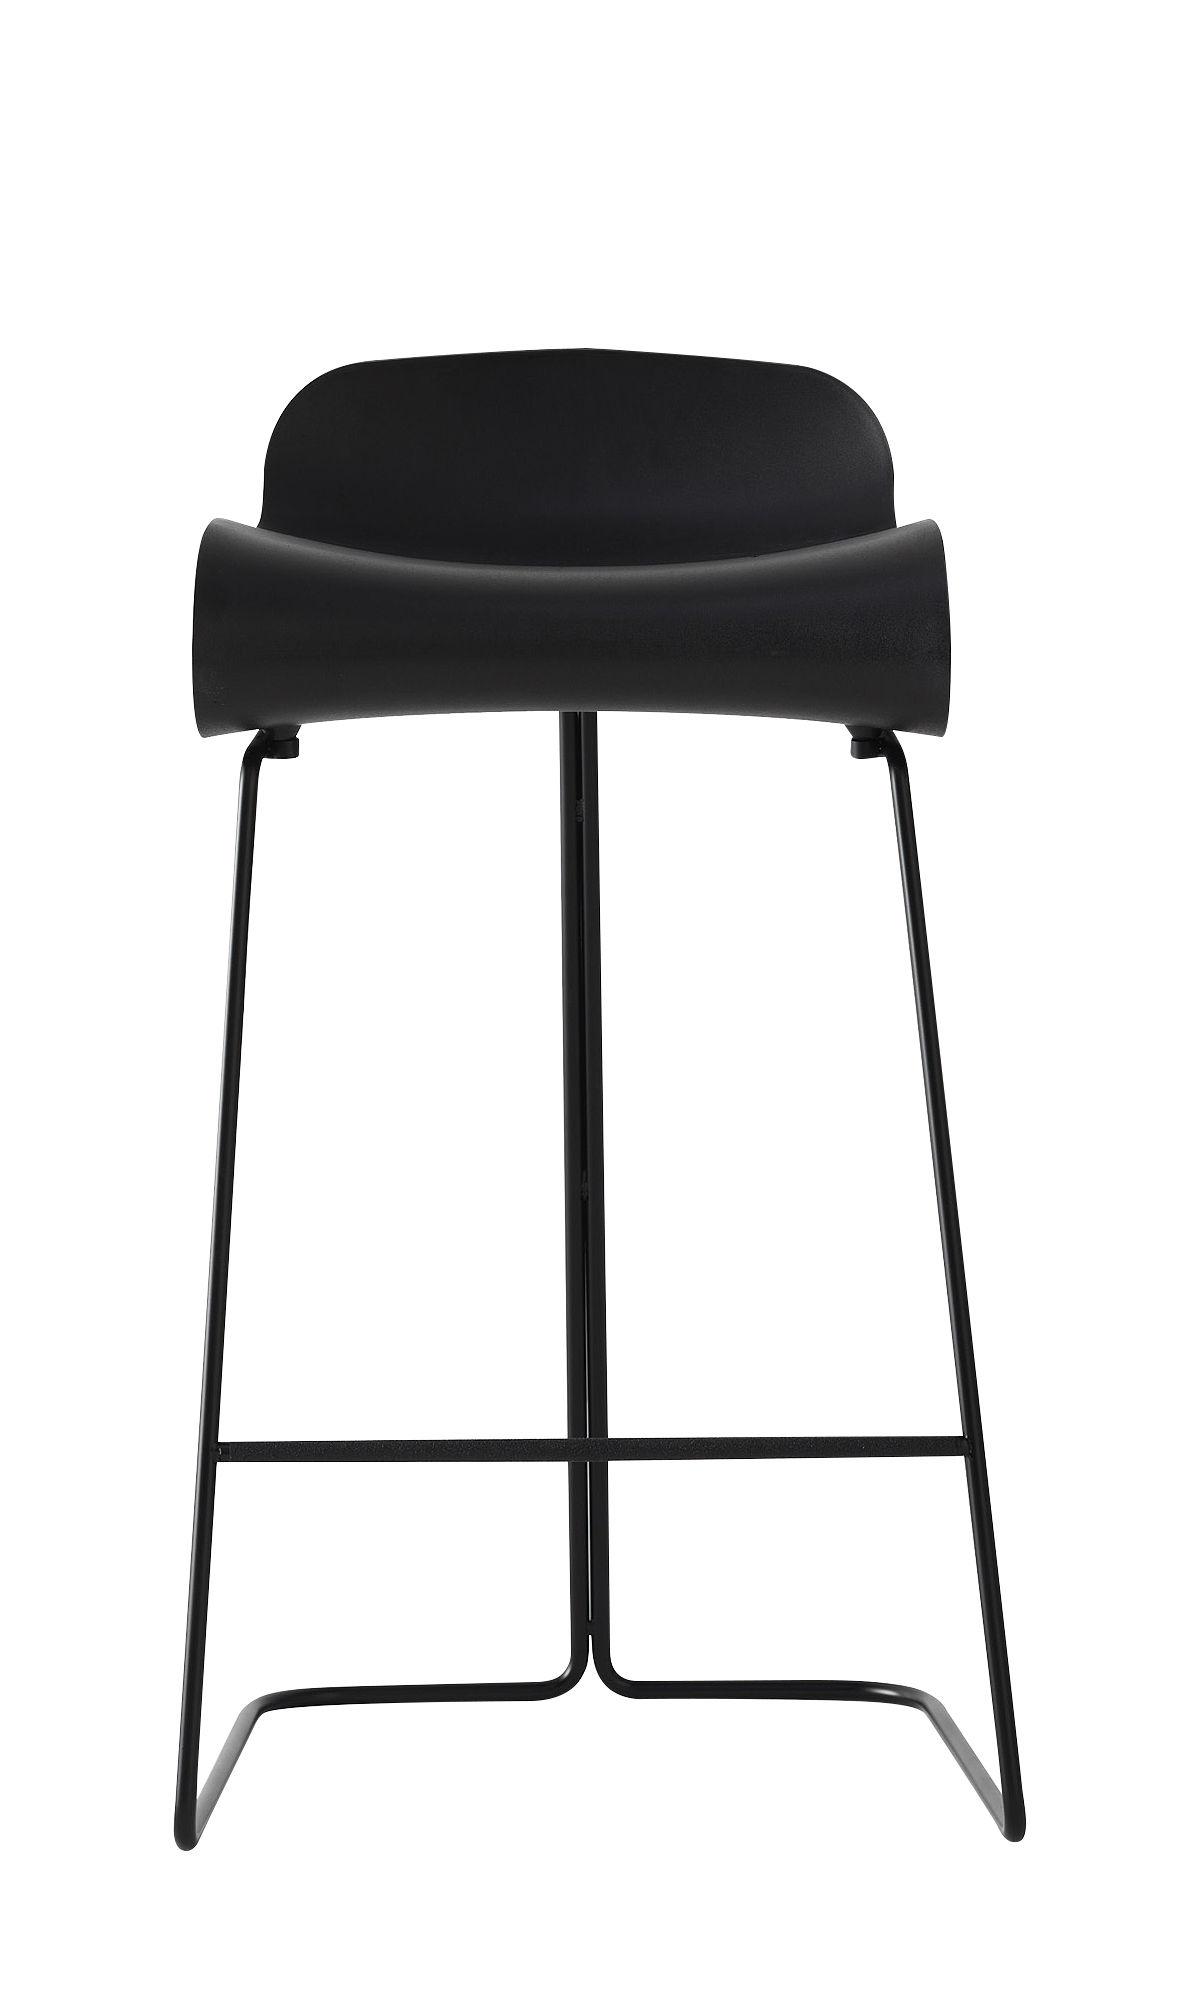 tabouret de bar bcn h 66 cm noir pied noir kristalia. Black Bedroom Furniture Sets. Home Design Ideas